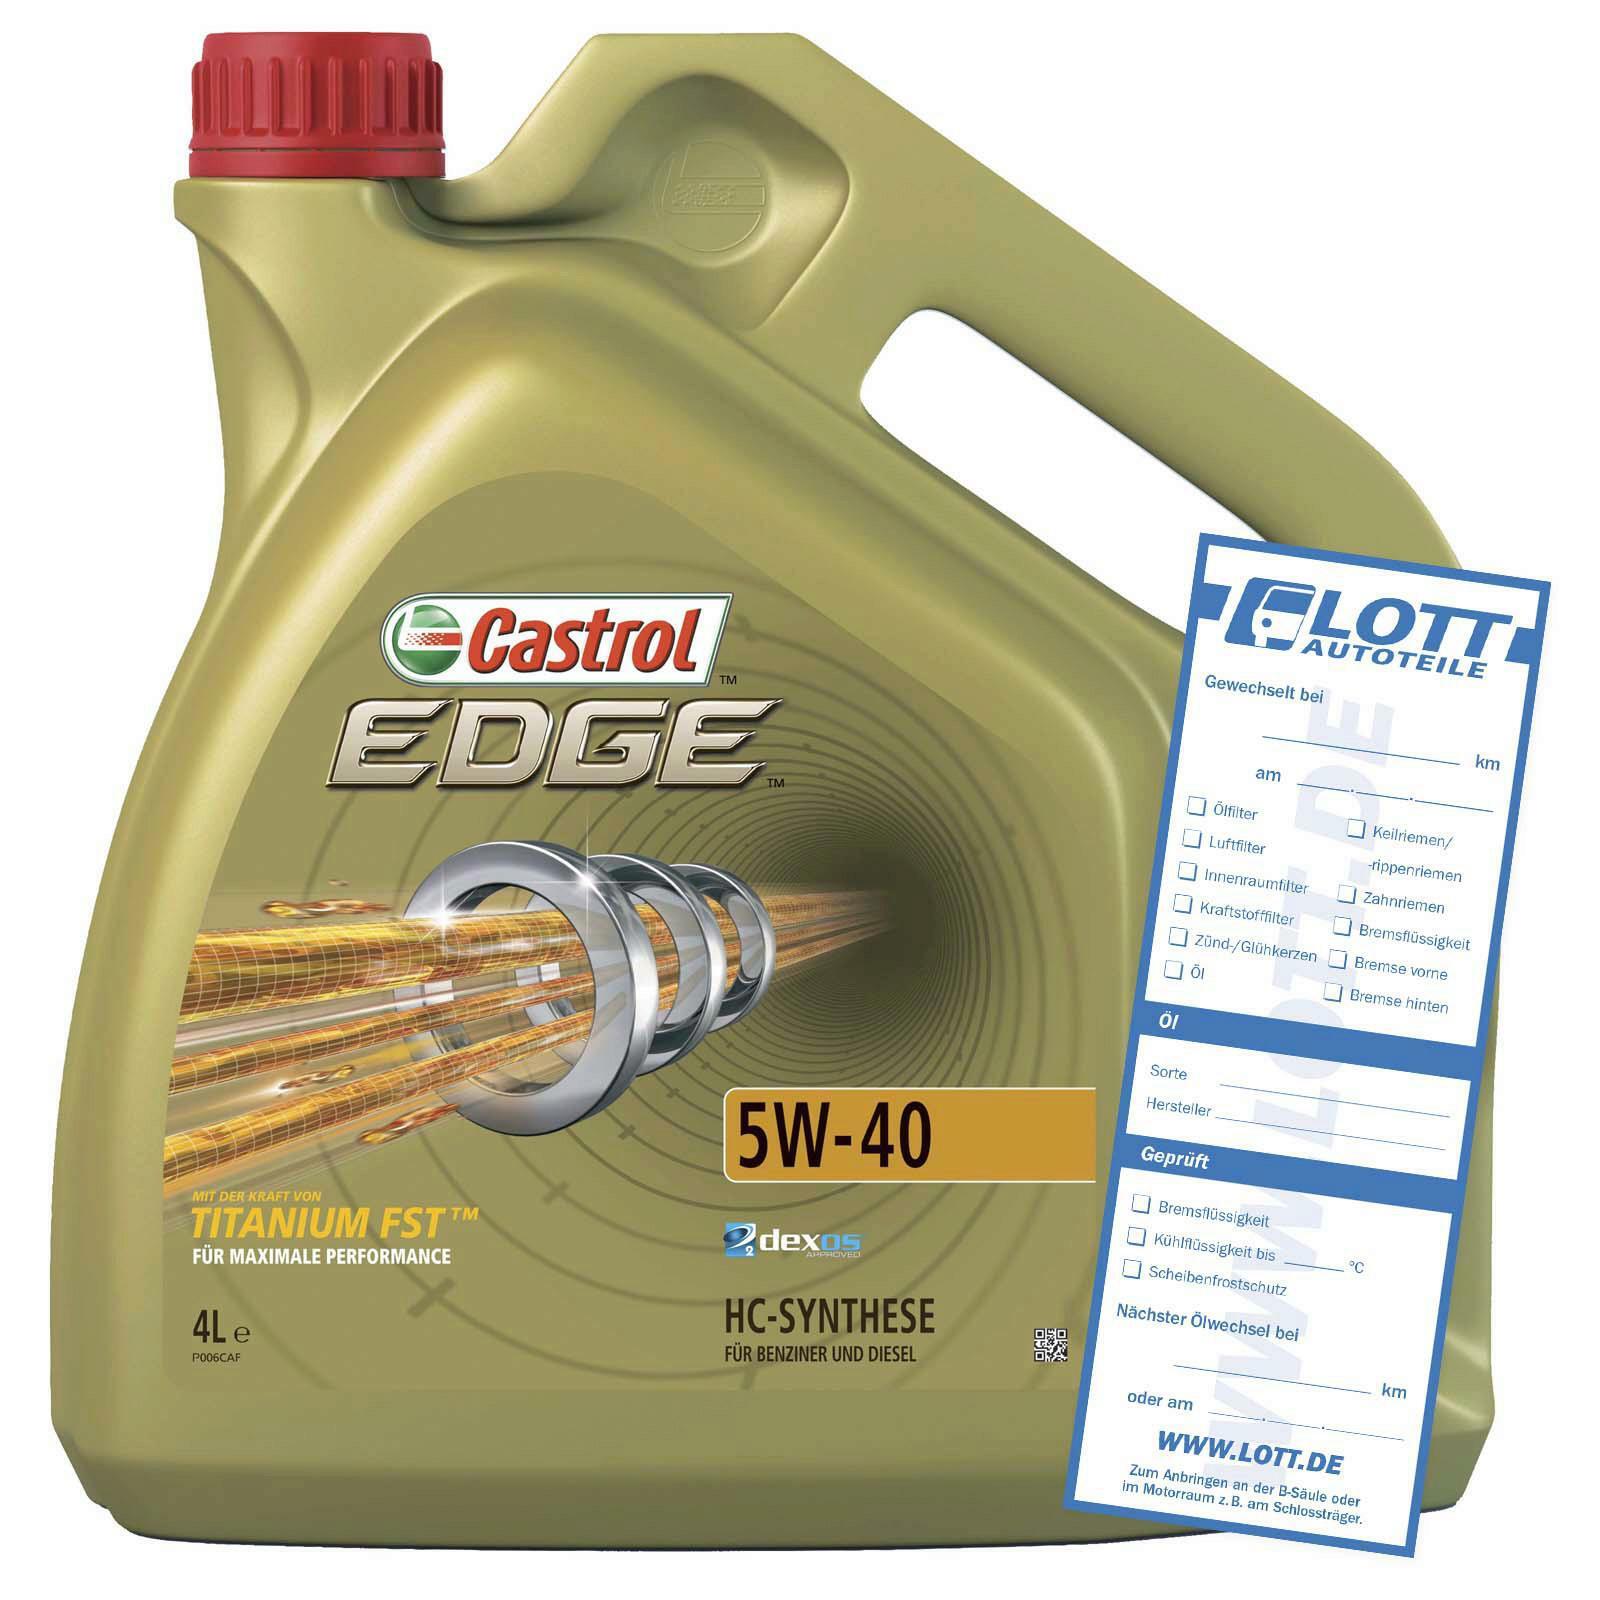 CASTROL Motoröl EDGE TITANIUM FST 5W-40 4L